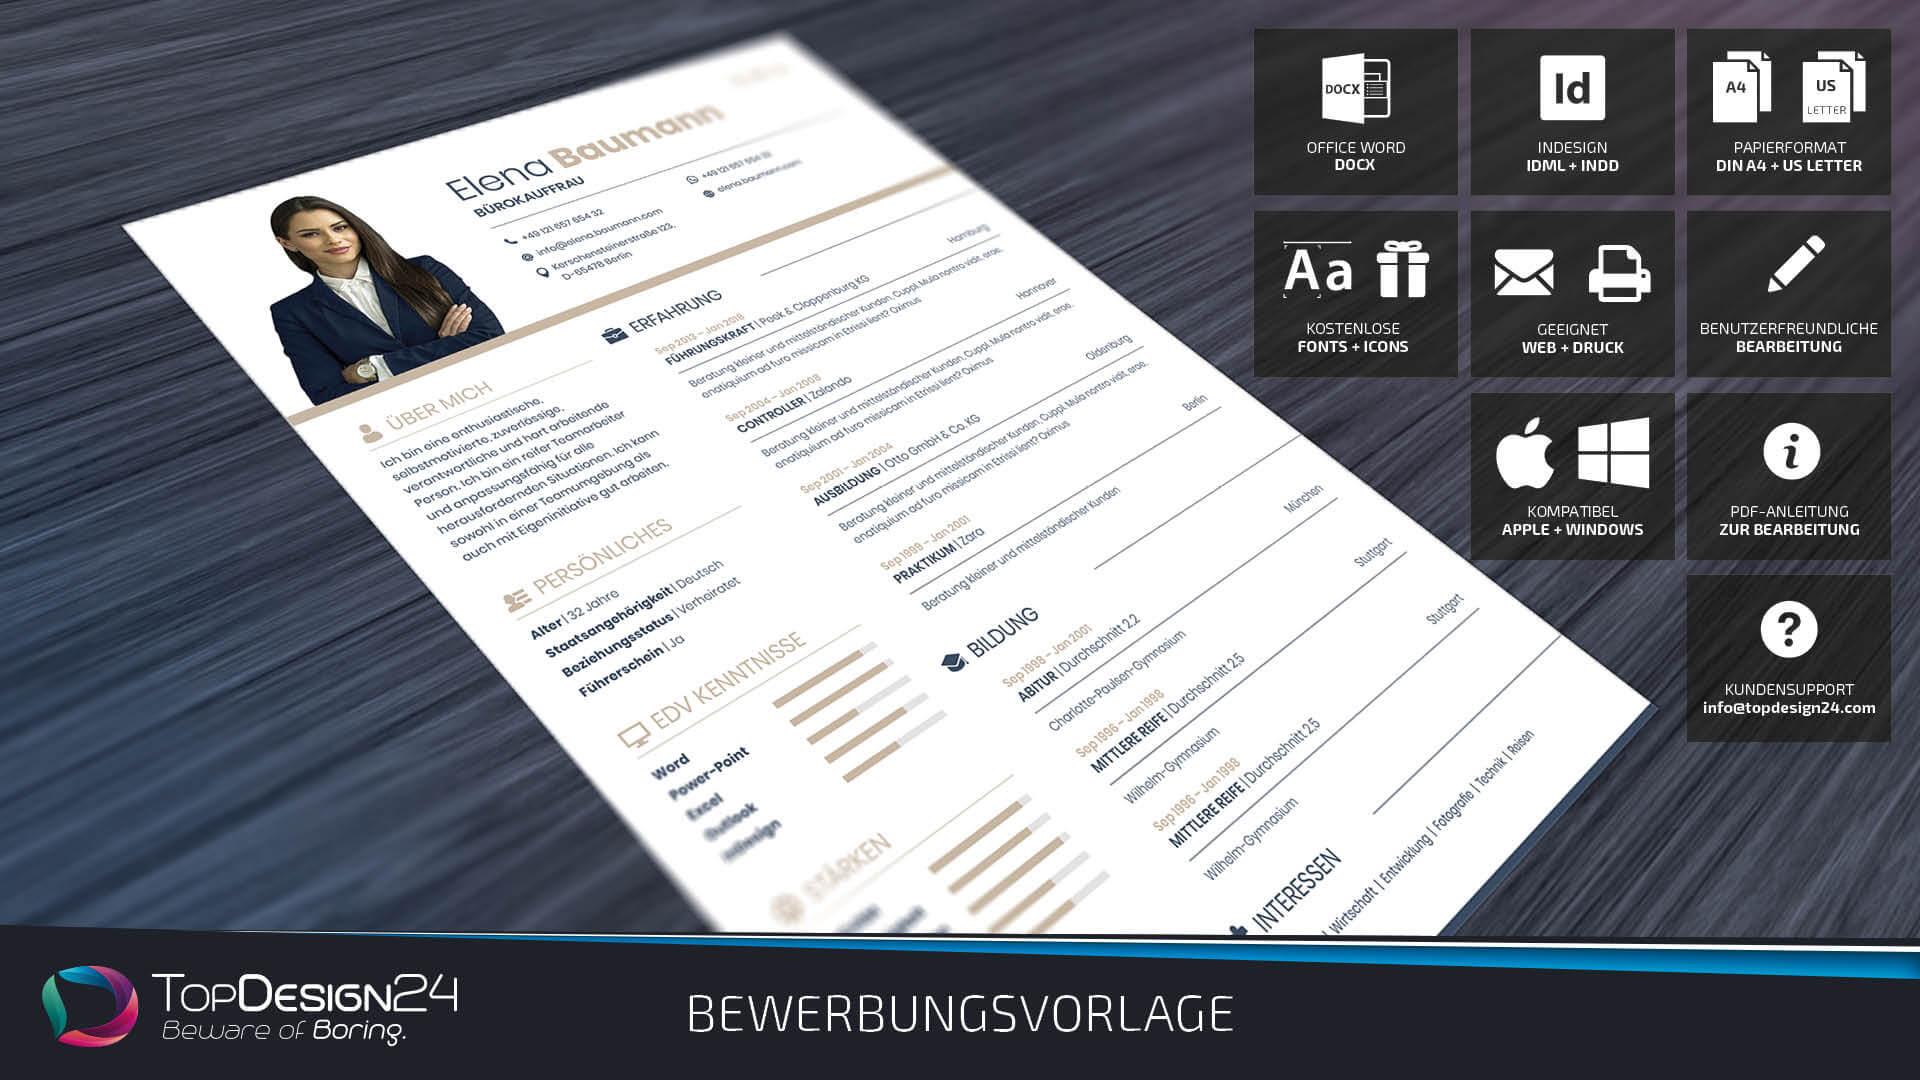 Bewerbungsvorlage 2018 Topdesign24 Bewerbungsvorlage Word 2018